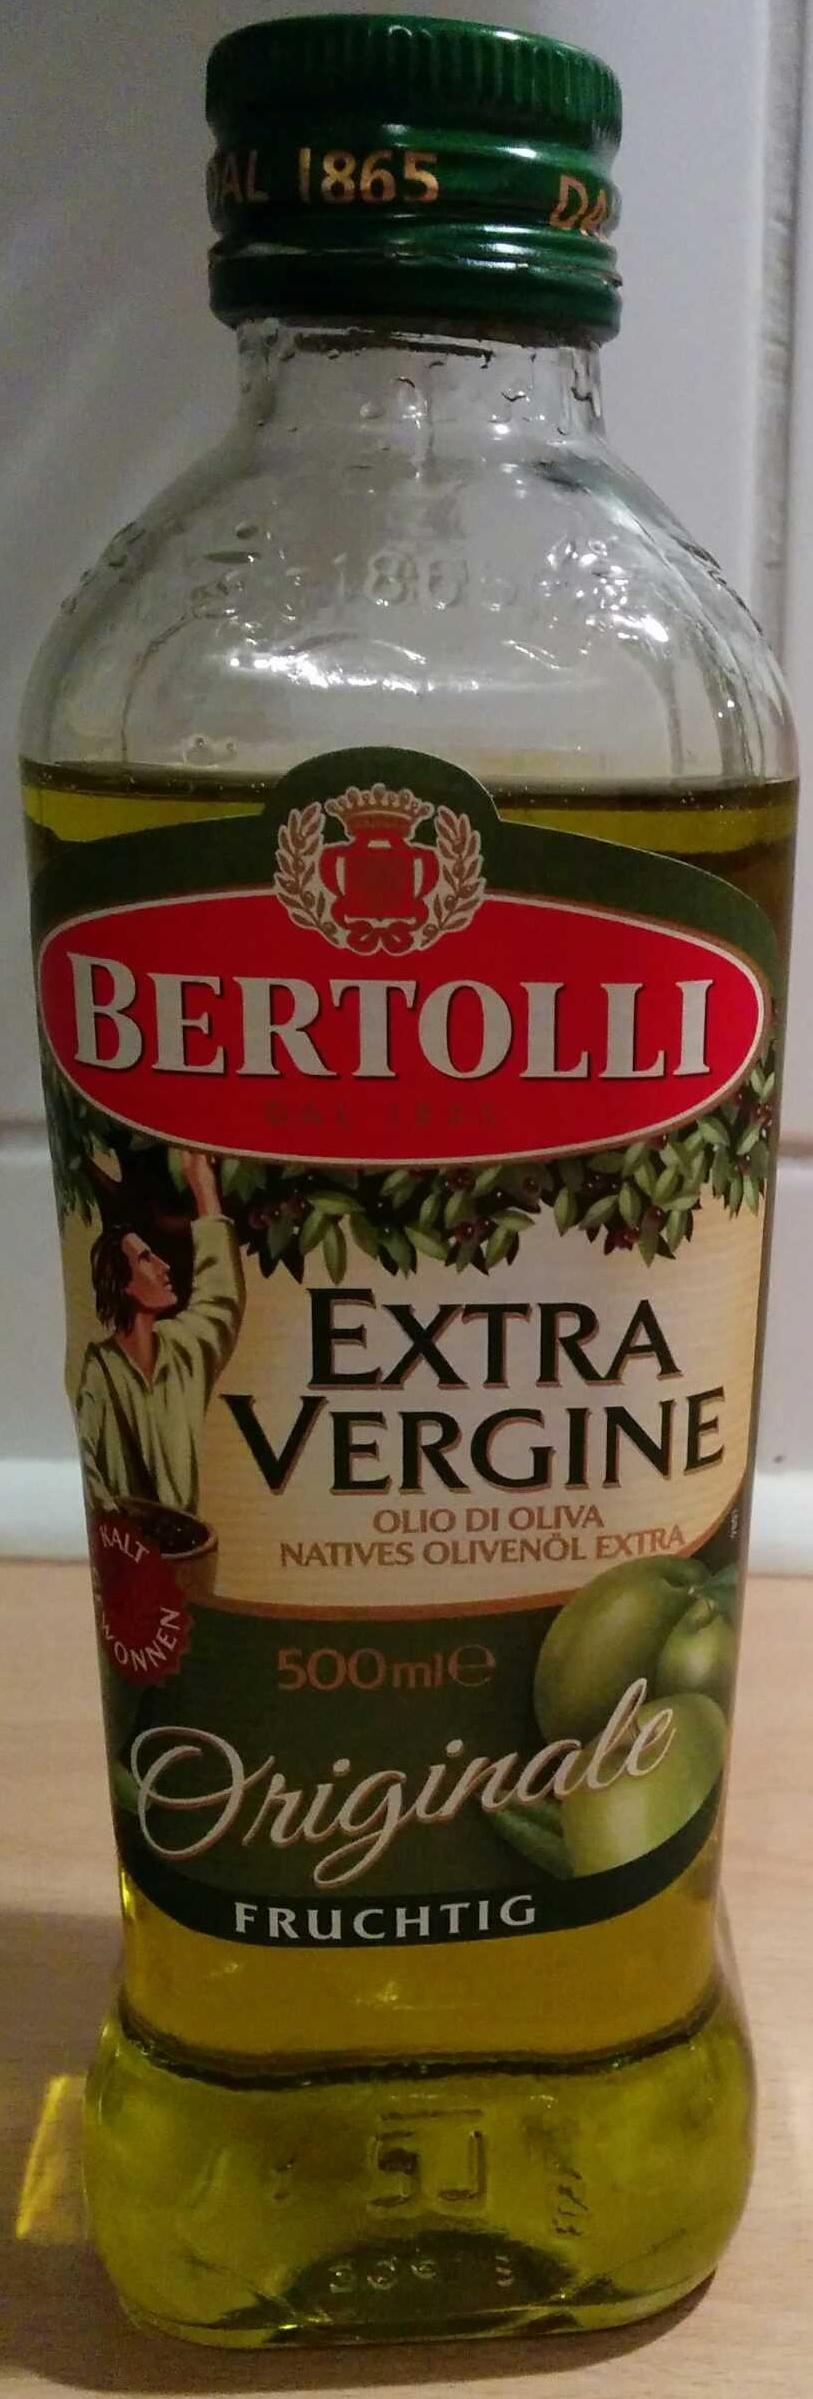 Olivenöl  Bertolli - Product